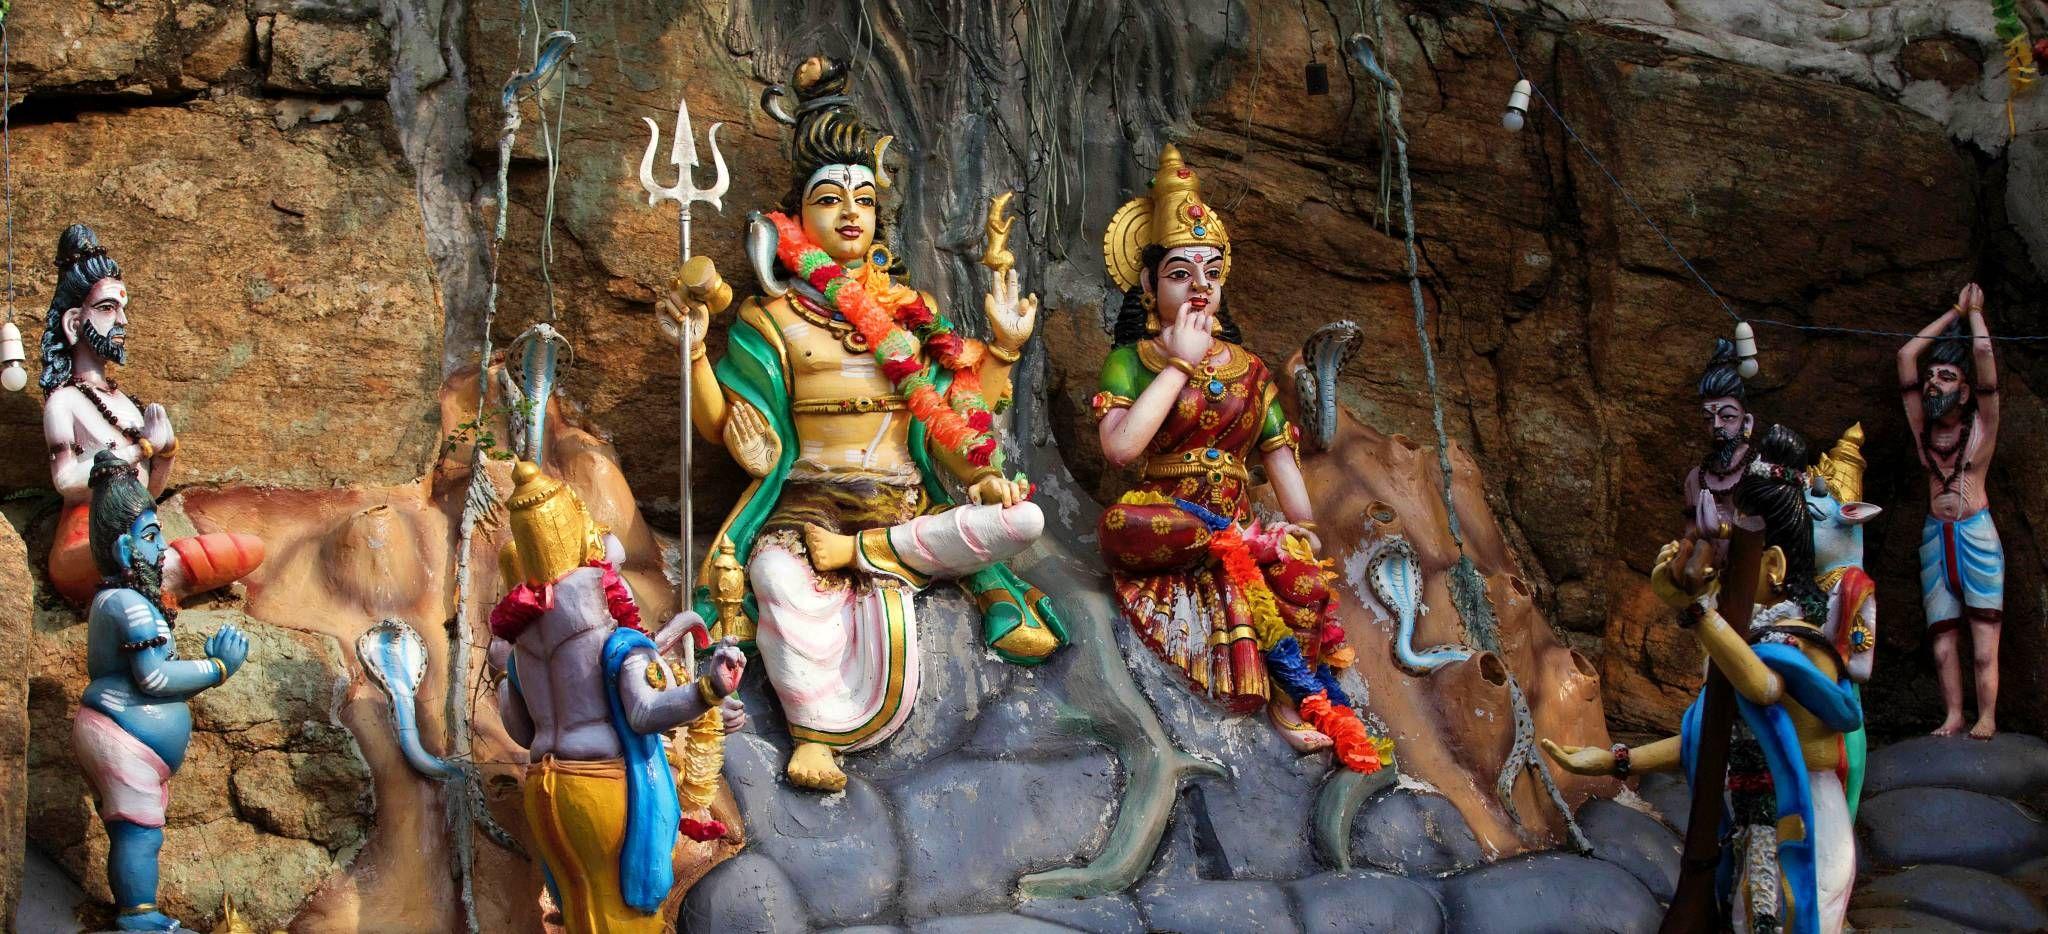 Statuen verschiedener Gottheiten in einer Höhle auf Sri Lanka